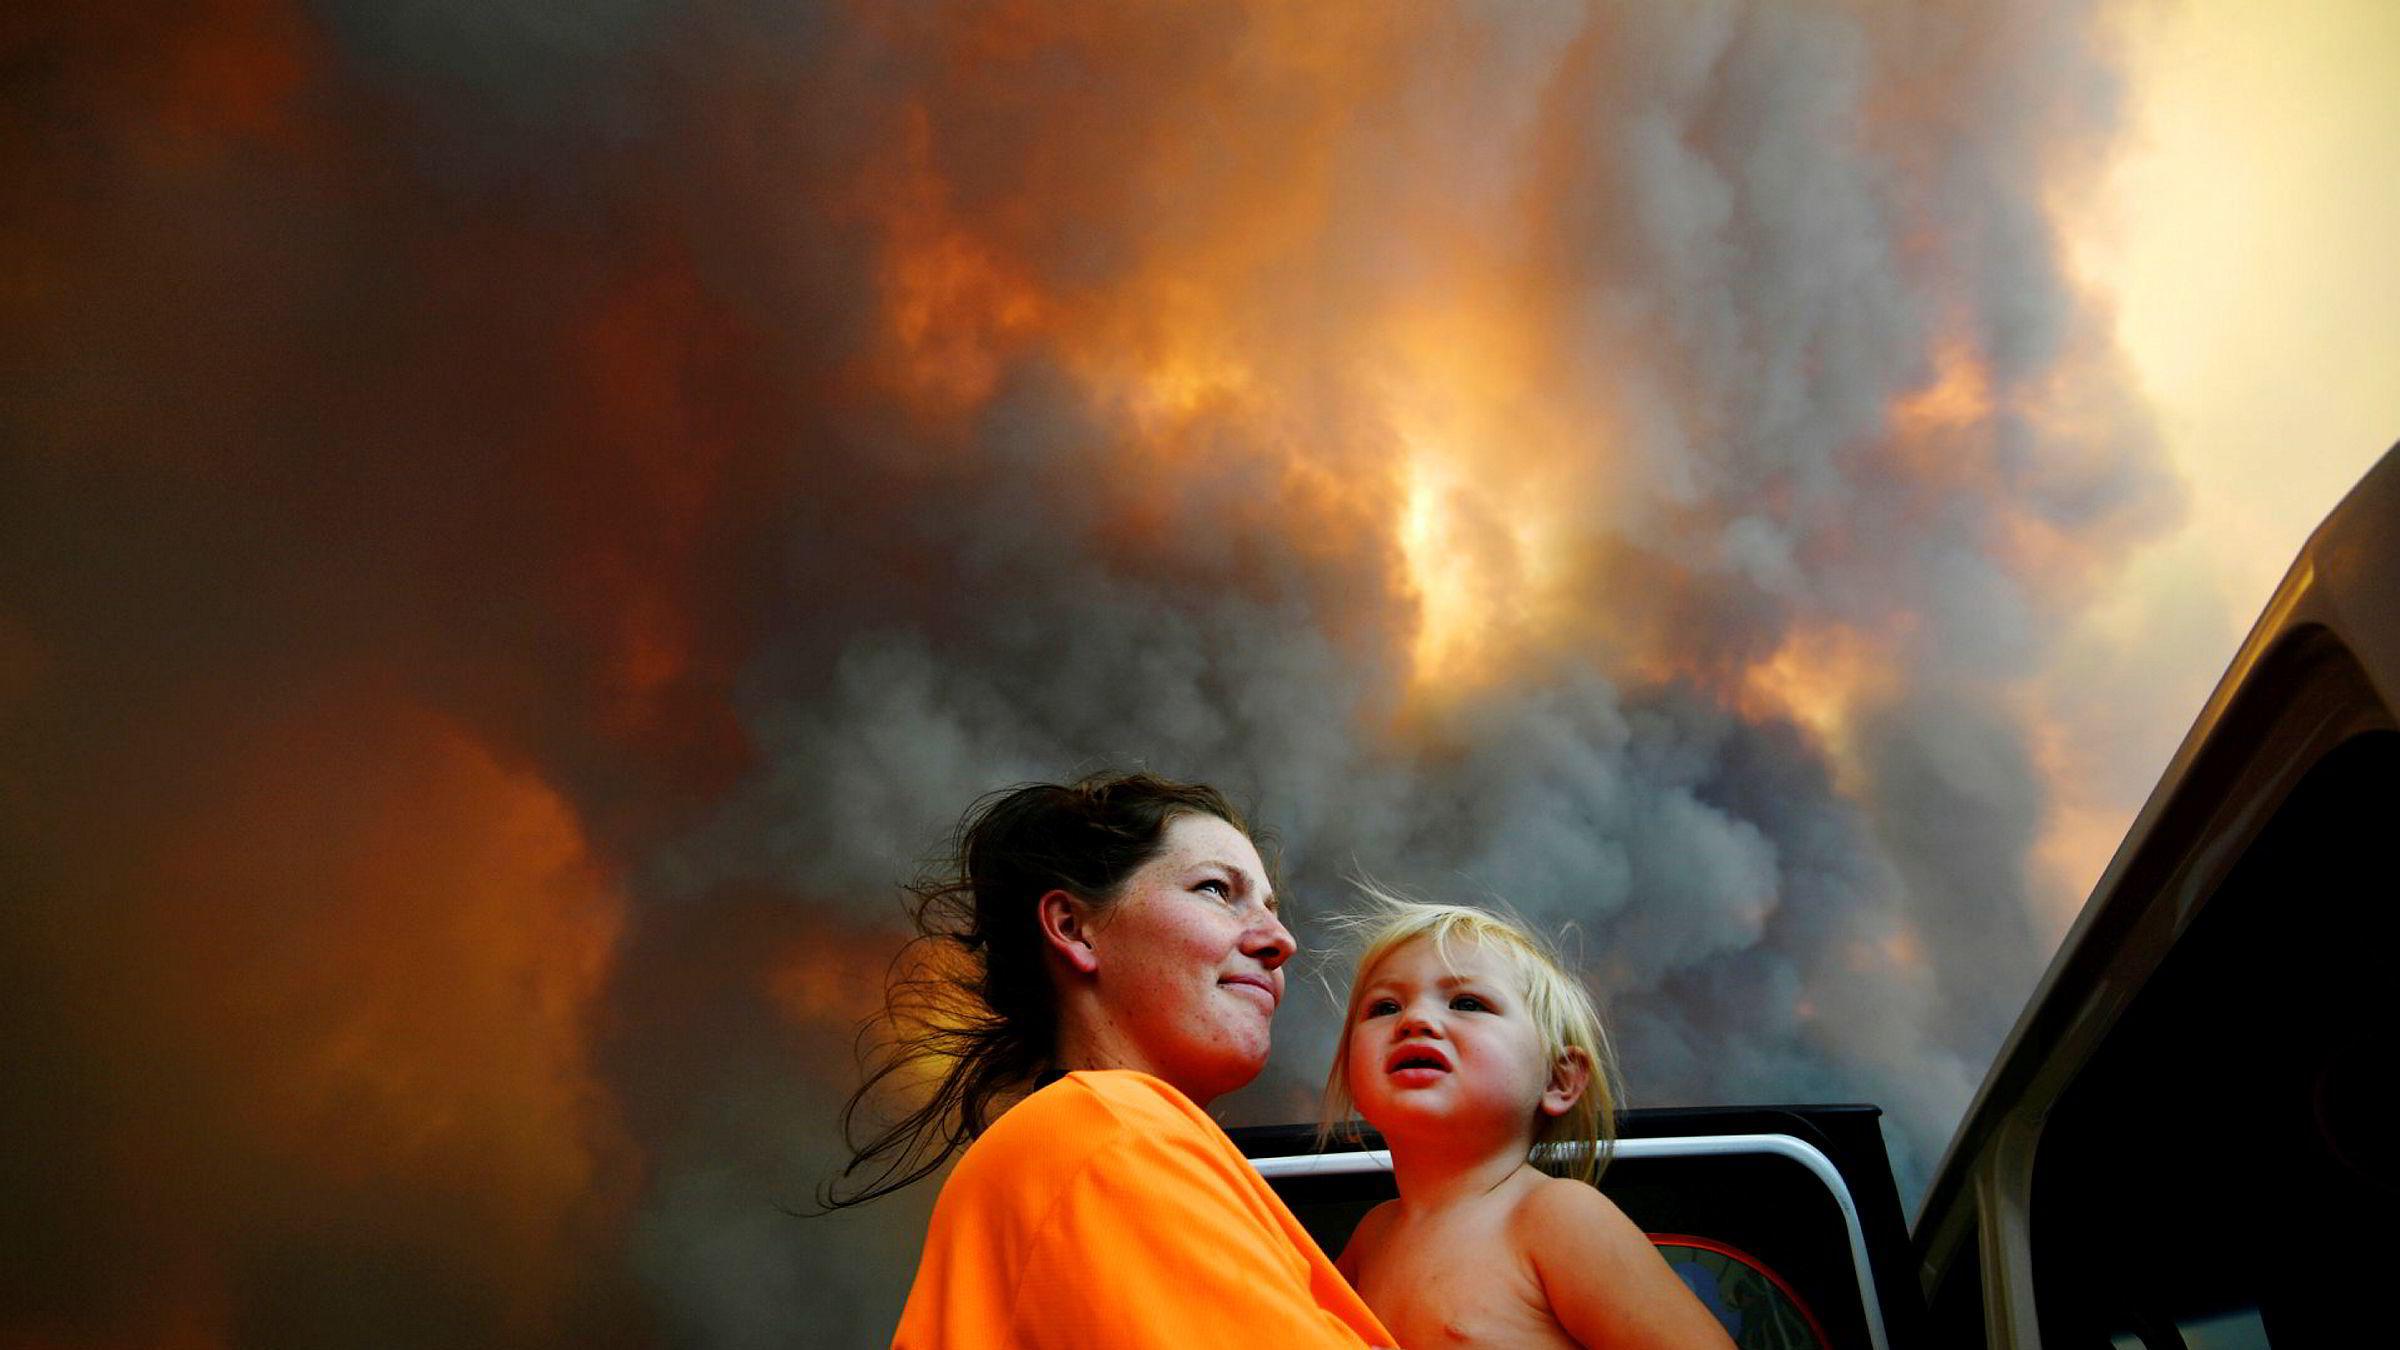 Ekstremvær truer veksten i verdensøkonomien, ifølge IMF. Det vises til orkaner i Karibia, flommer i østlige Afrika, tørke i sørlige Afrika – og tørke og branner i Australia. Bildet viser Sharnie Moren og hennes 18 måneder gamle datter Charlotte som ser på tykk røyk fra buskbranner nær Coffs Harbour i Australia i november.